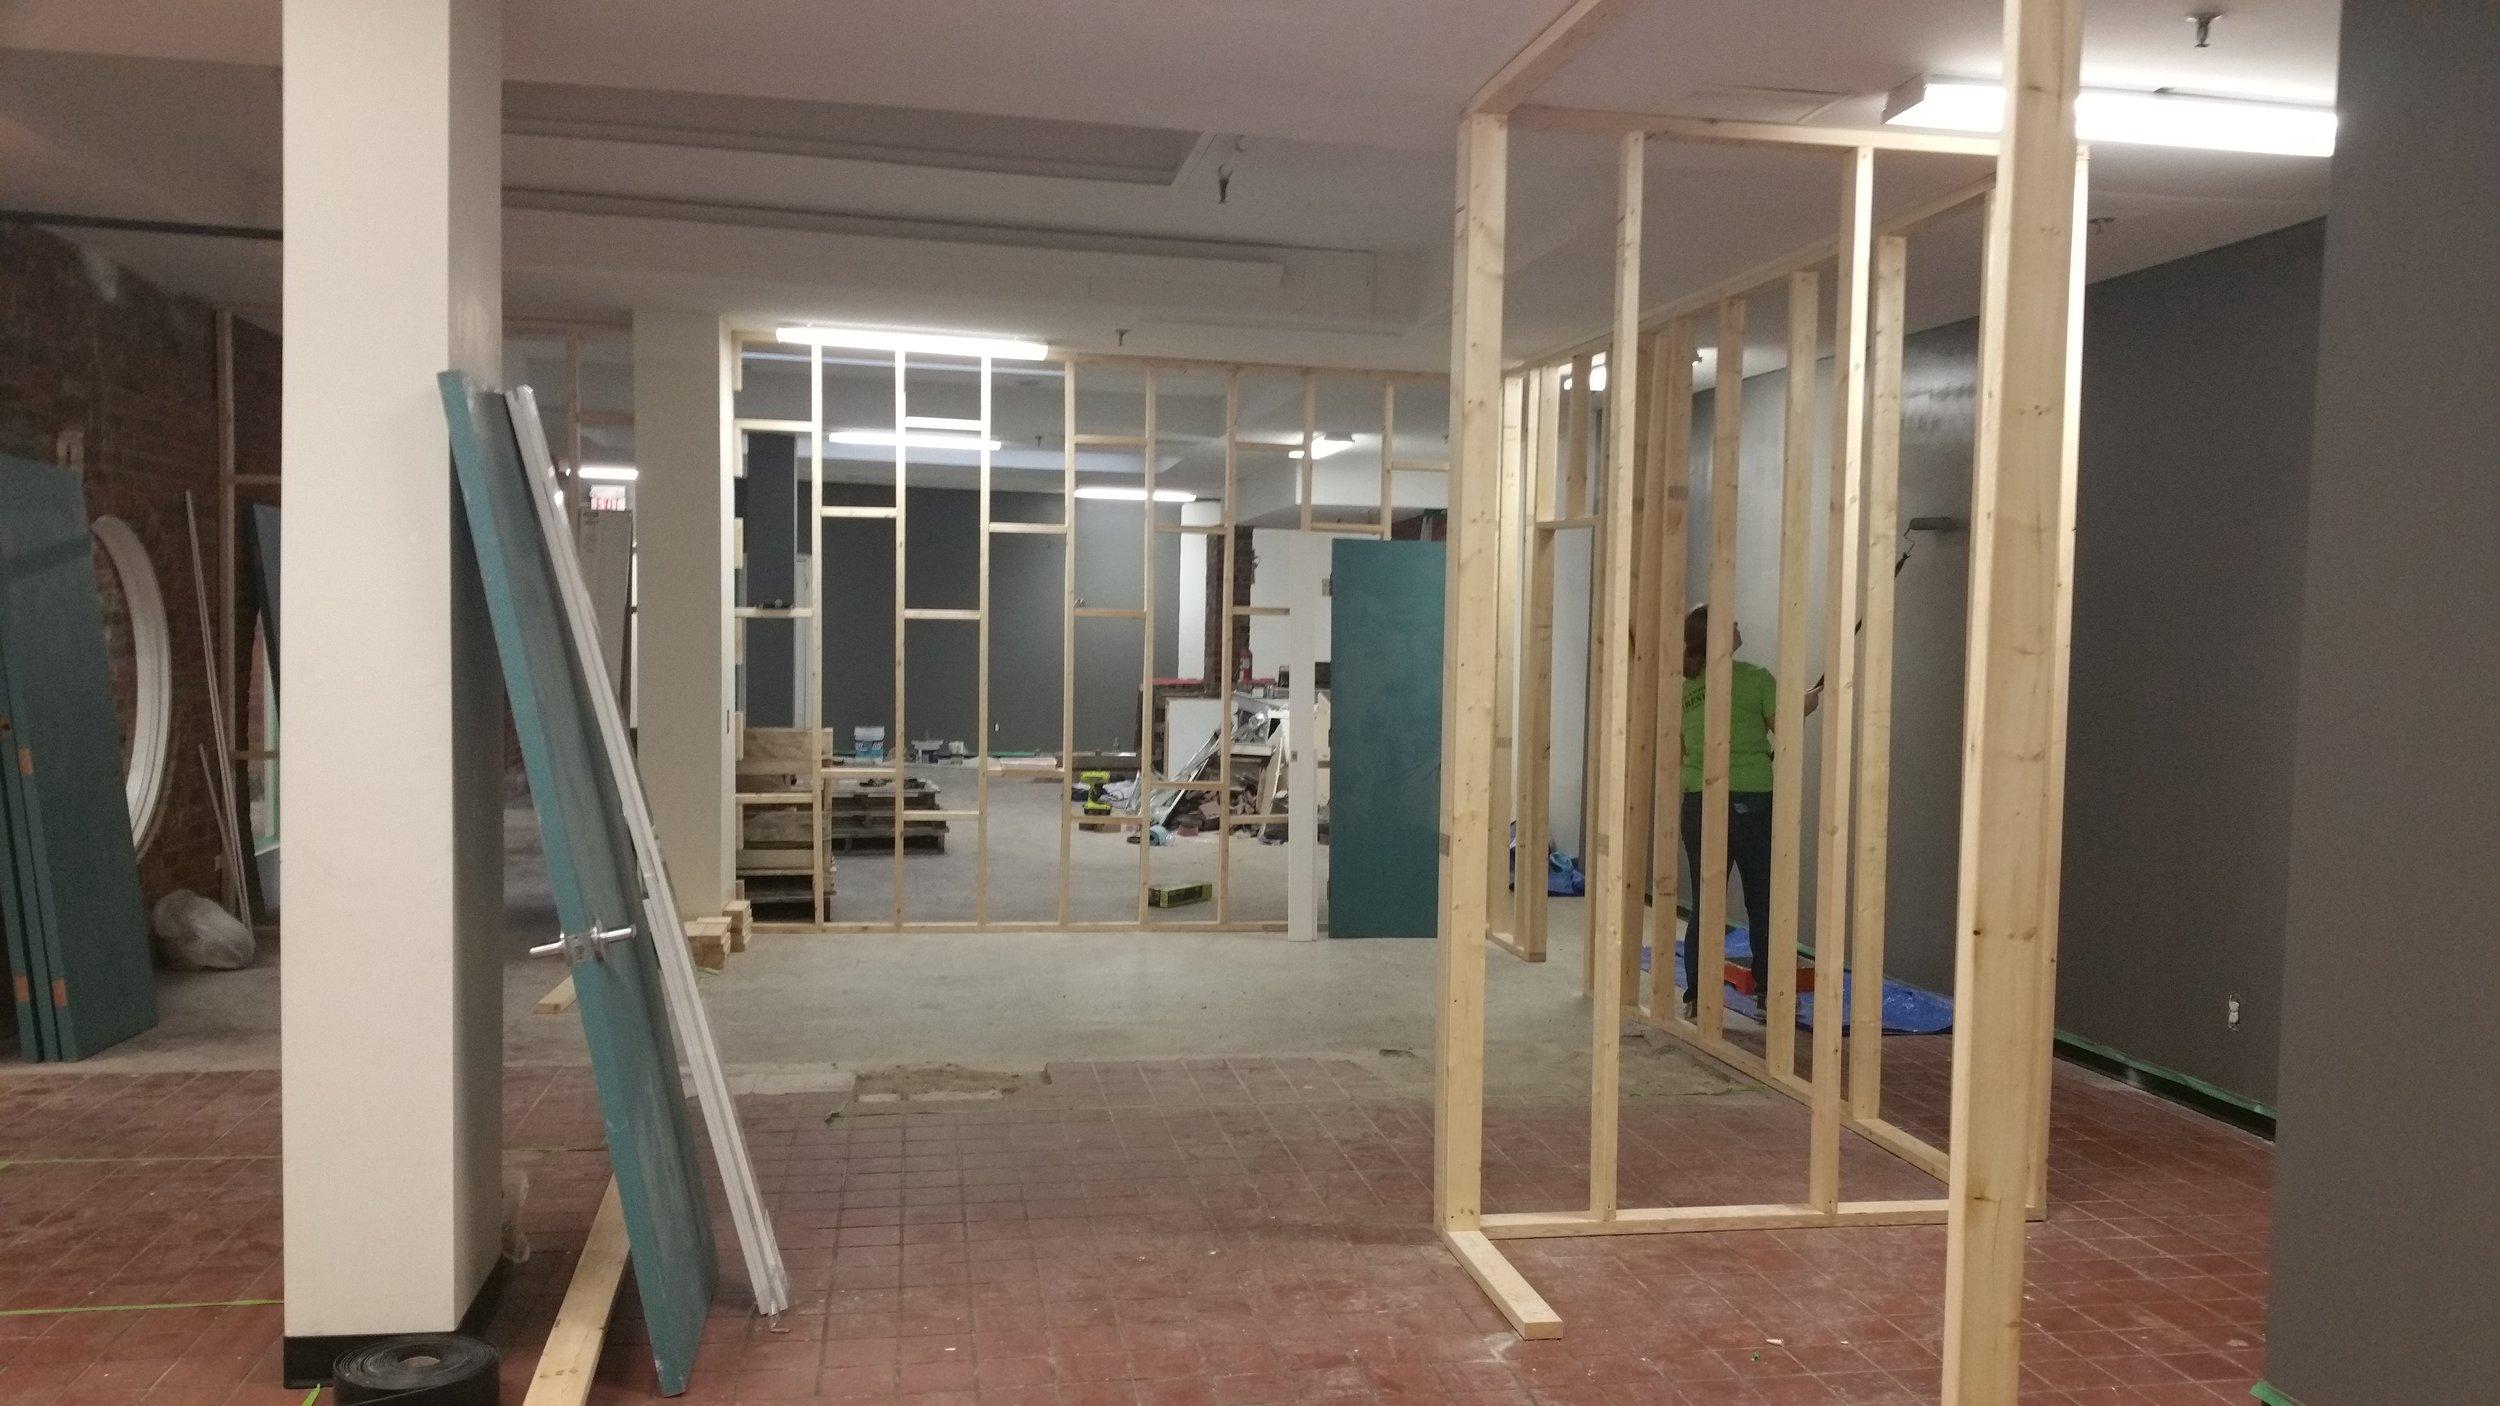 Building walls inside walls at 303 Bagot Street